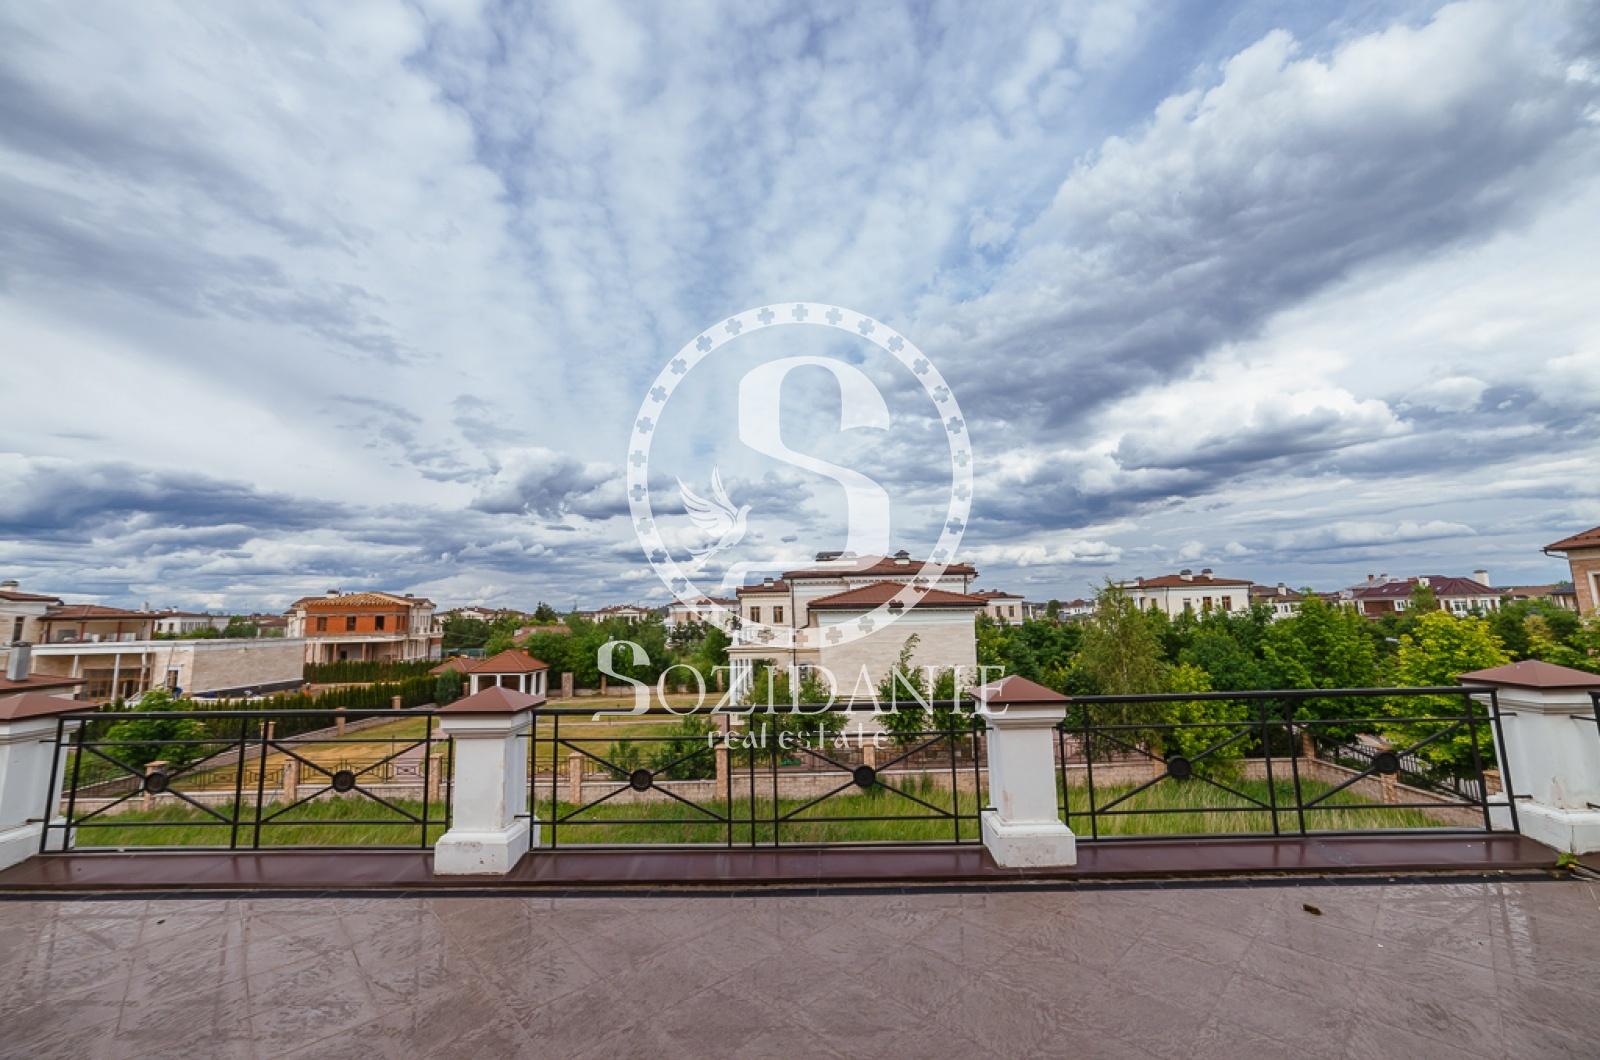 4 Bedrooms, Загородная, Продажа, Listing ID 1062, Московская область, Россия,